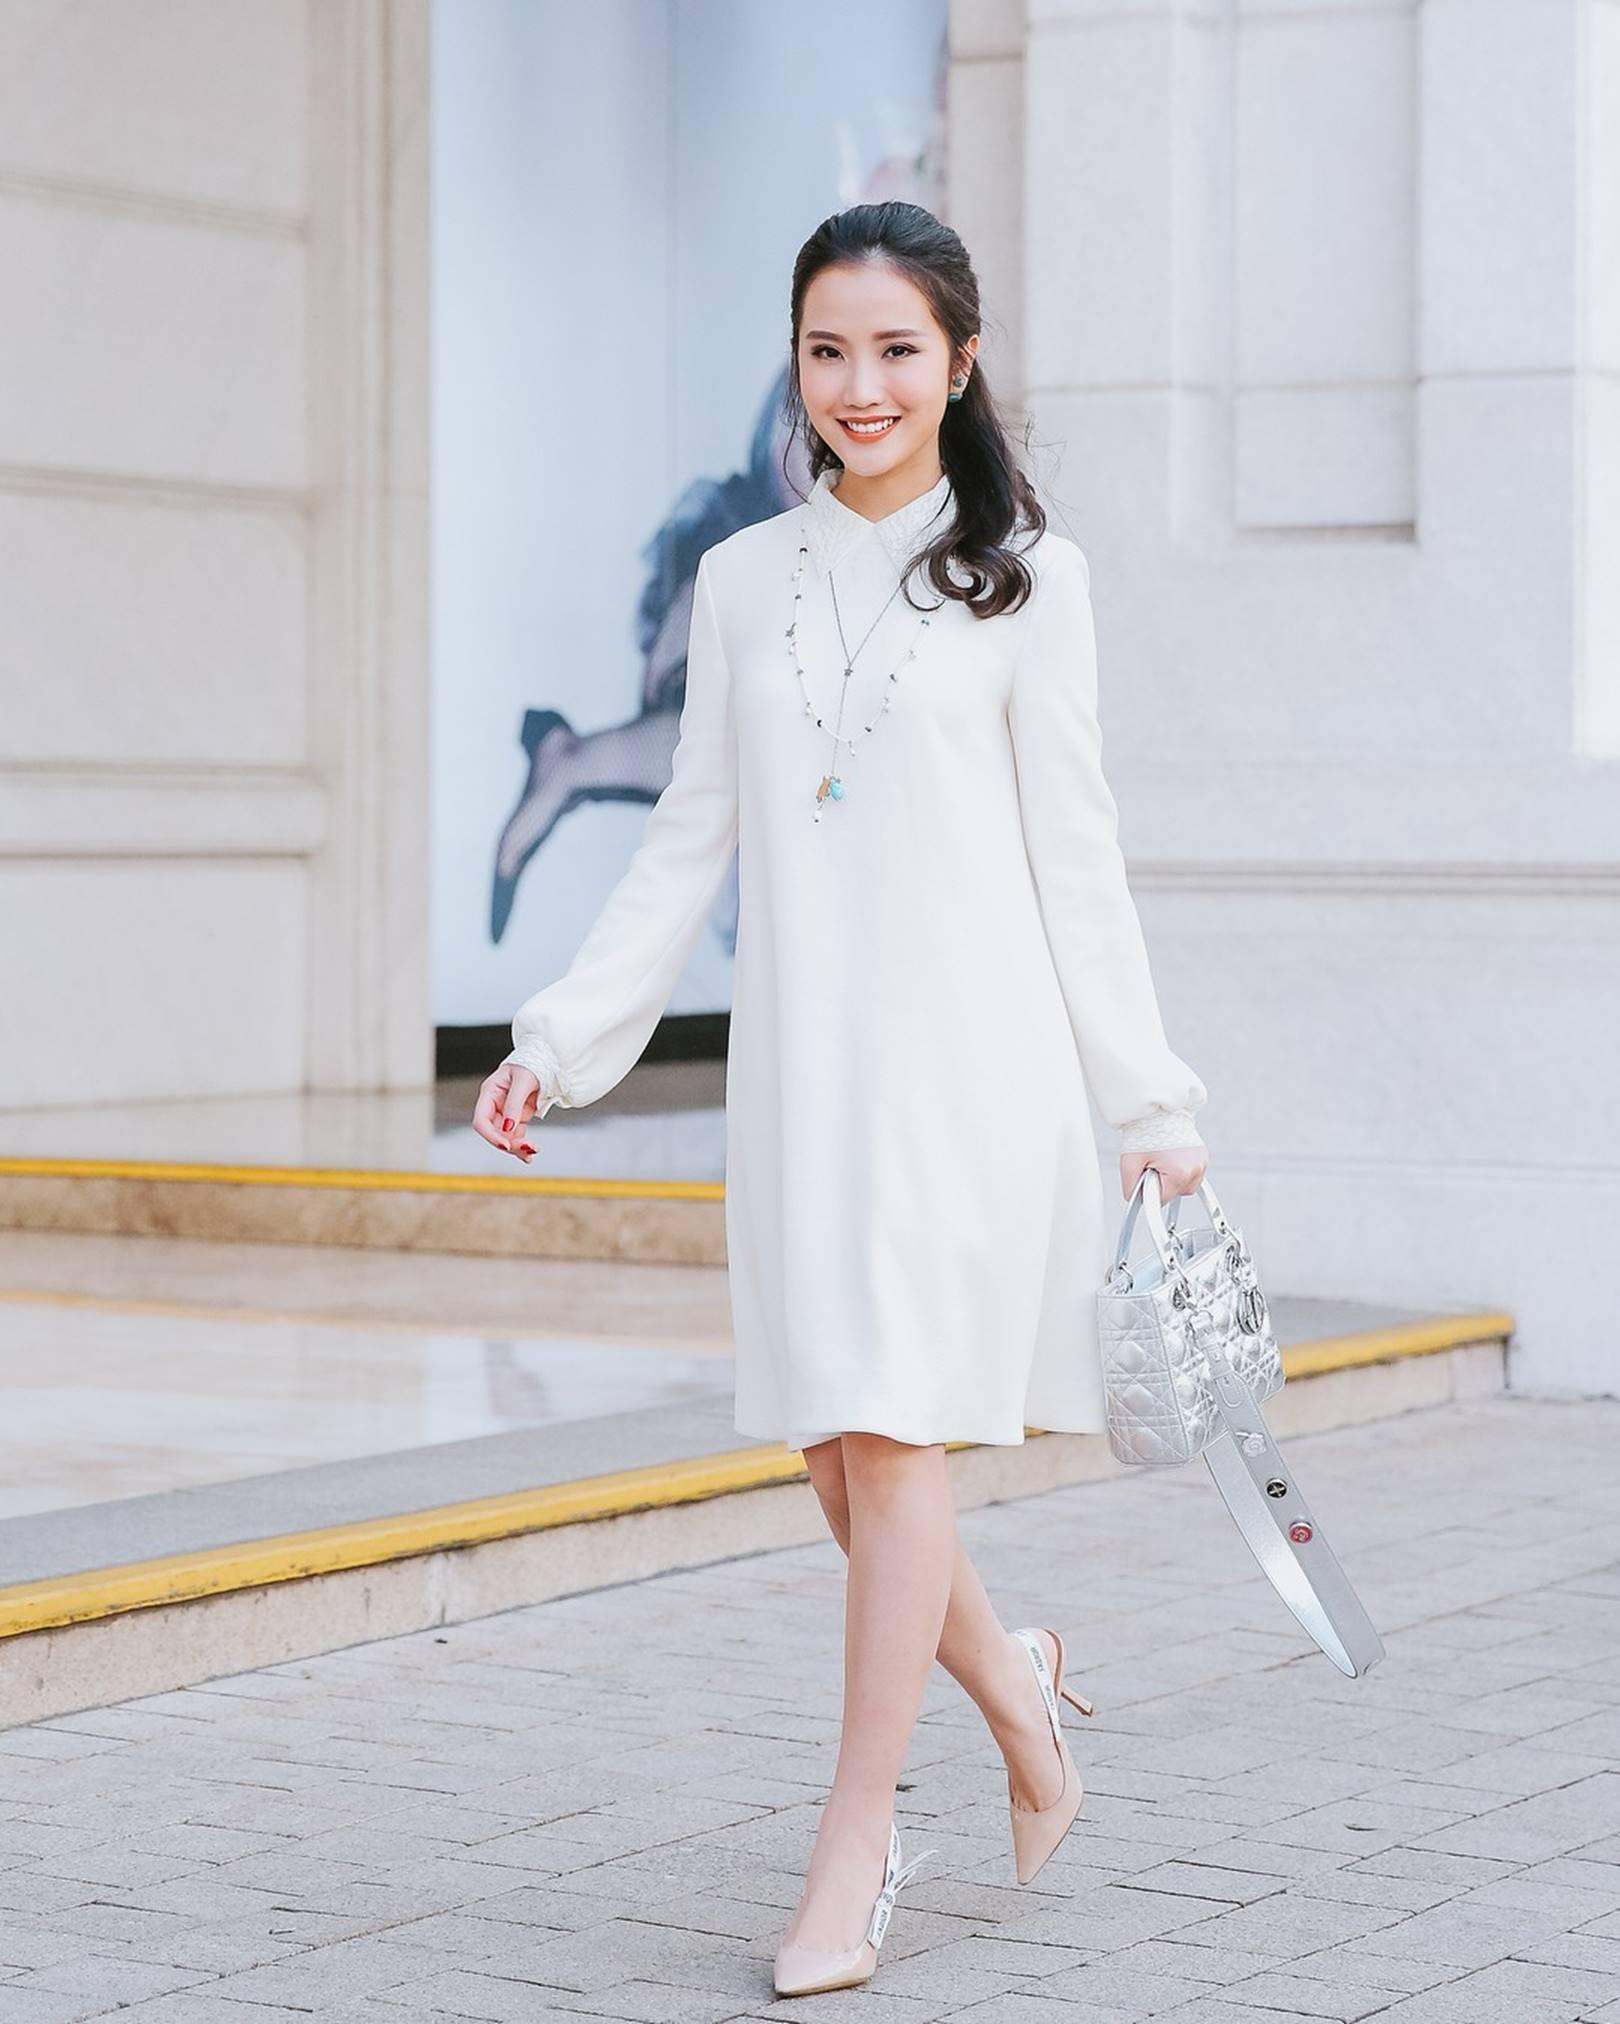 3 ái nữ cành vàng lá ngọc nhà đại gia Việt: Thay đồ hiệu như thay áo, xách túi hiệu như xách giỏ đi chợ mỗi ngày-29